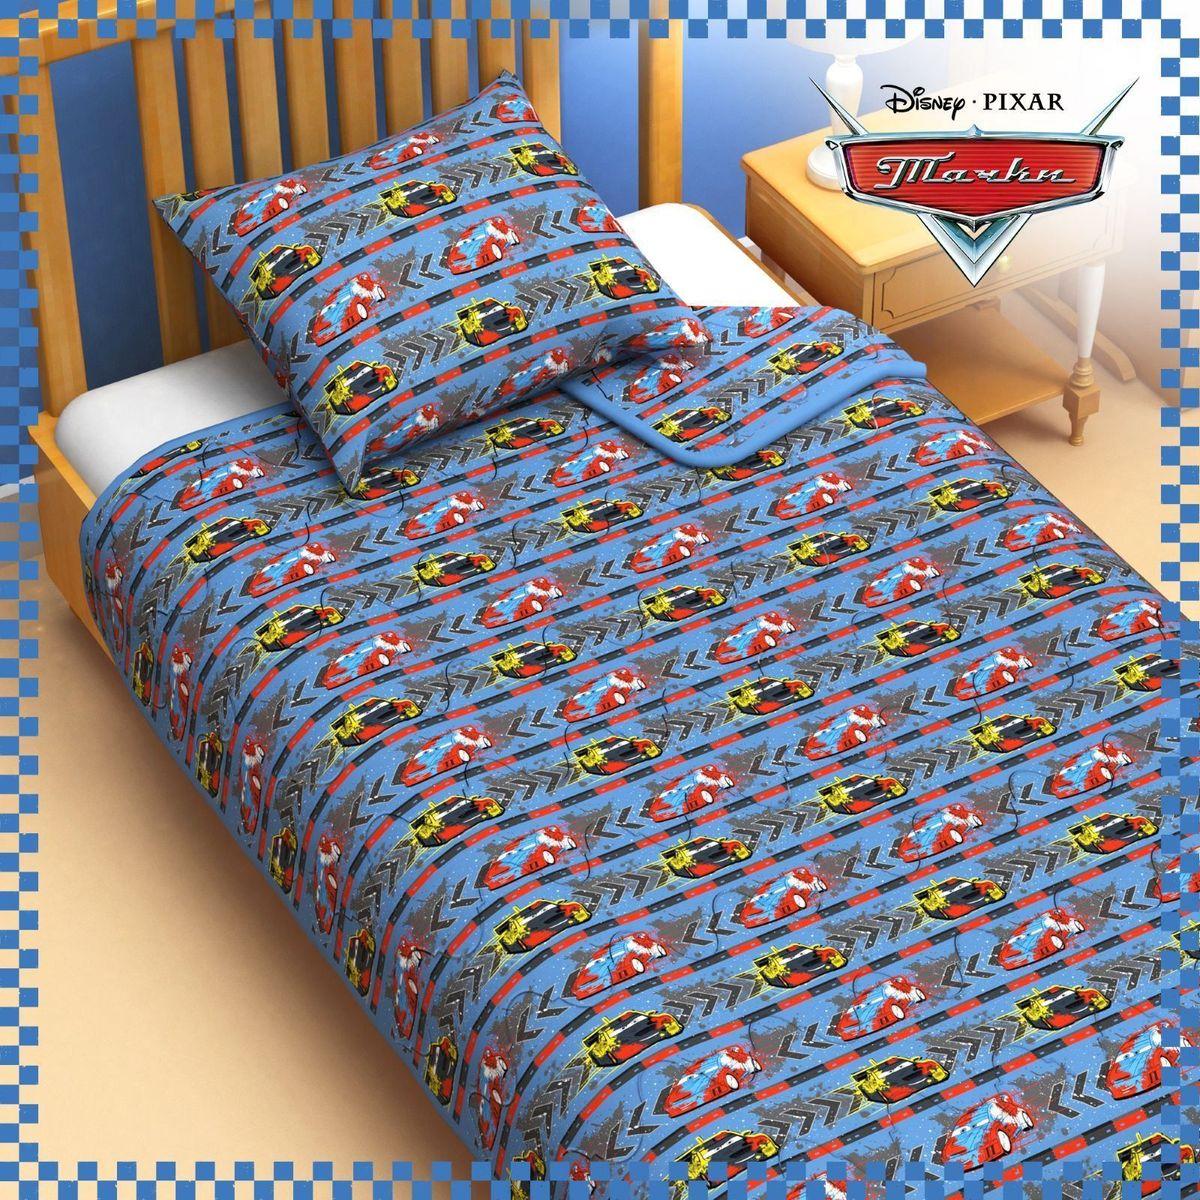 Disney Одеяло 1,5 спальное Тачки цвет голубой 140 х 205 см - Детский текстиль